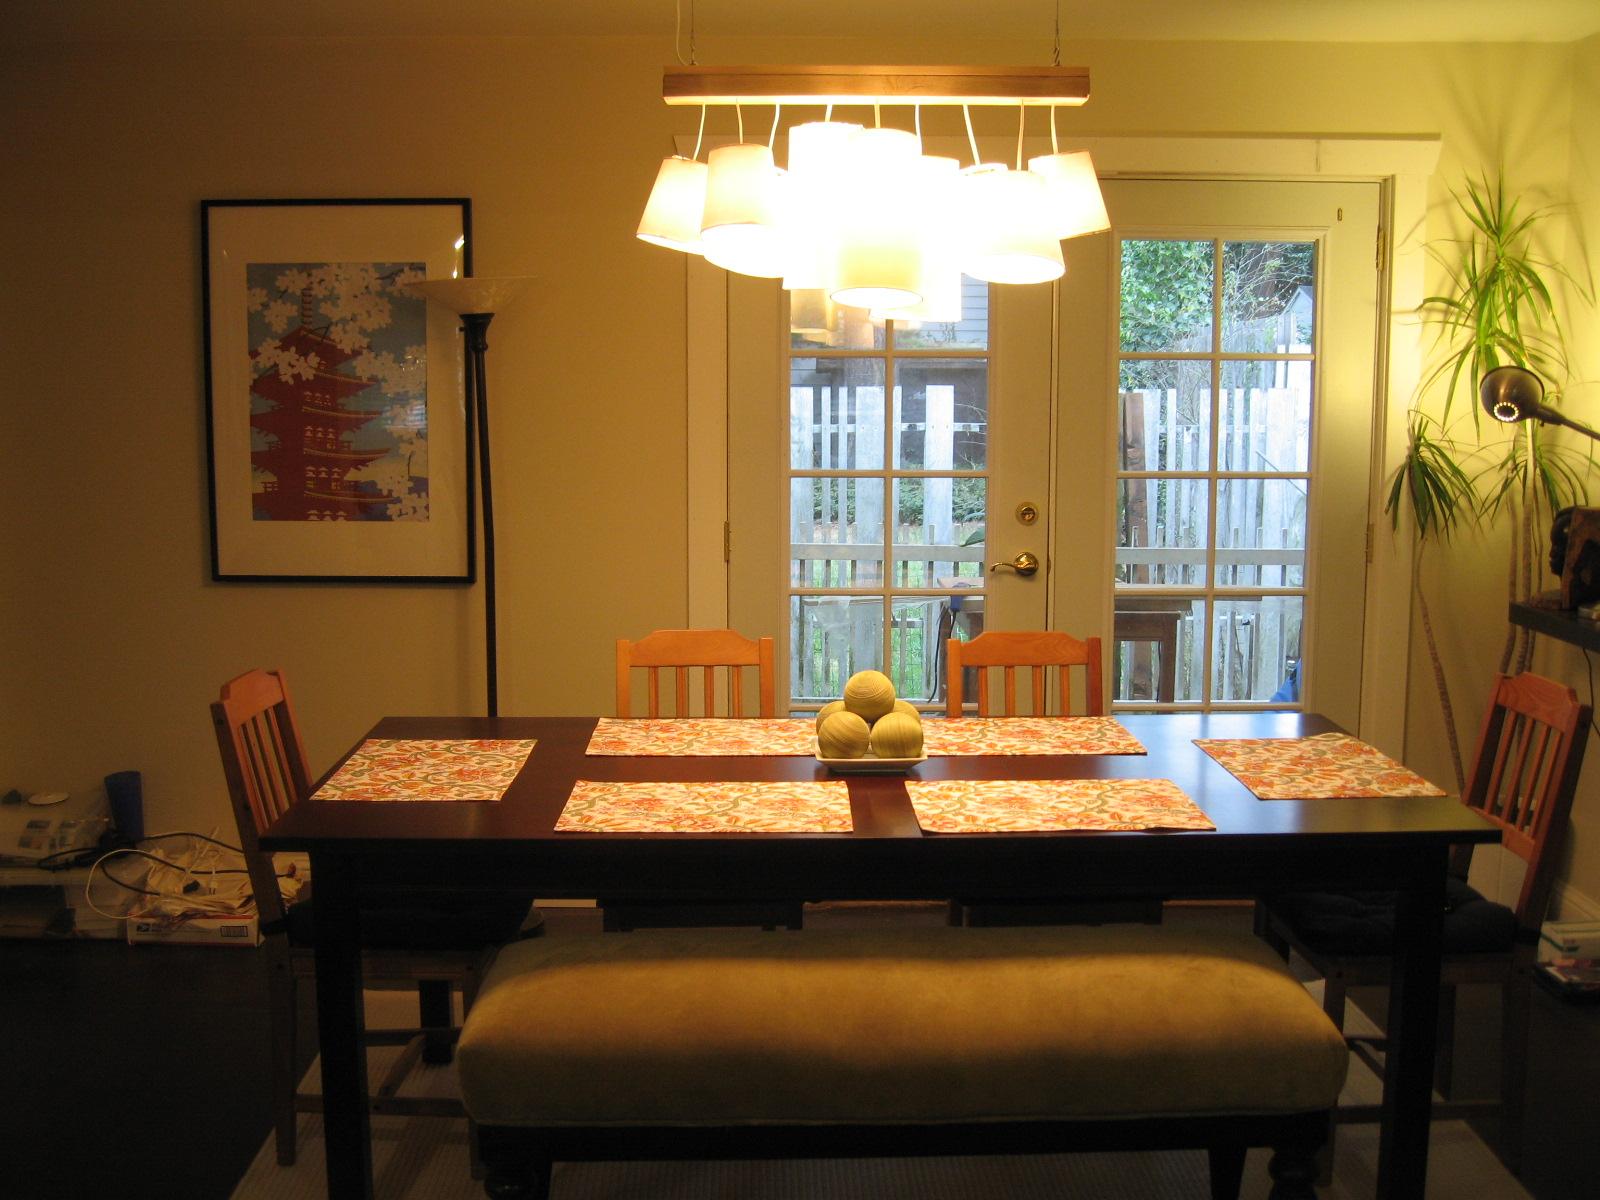 Роль освещения квартиры в здоровье человека